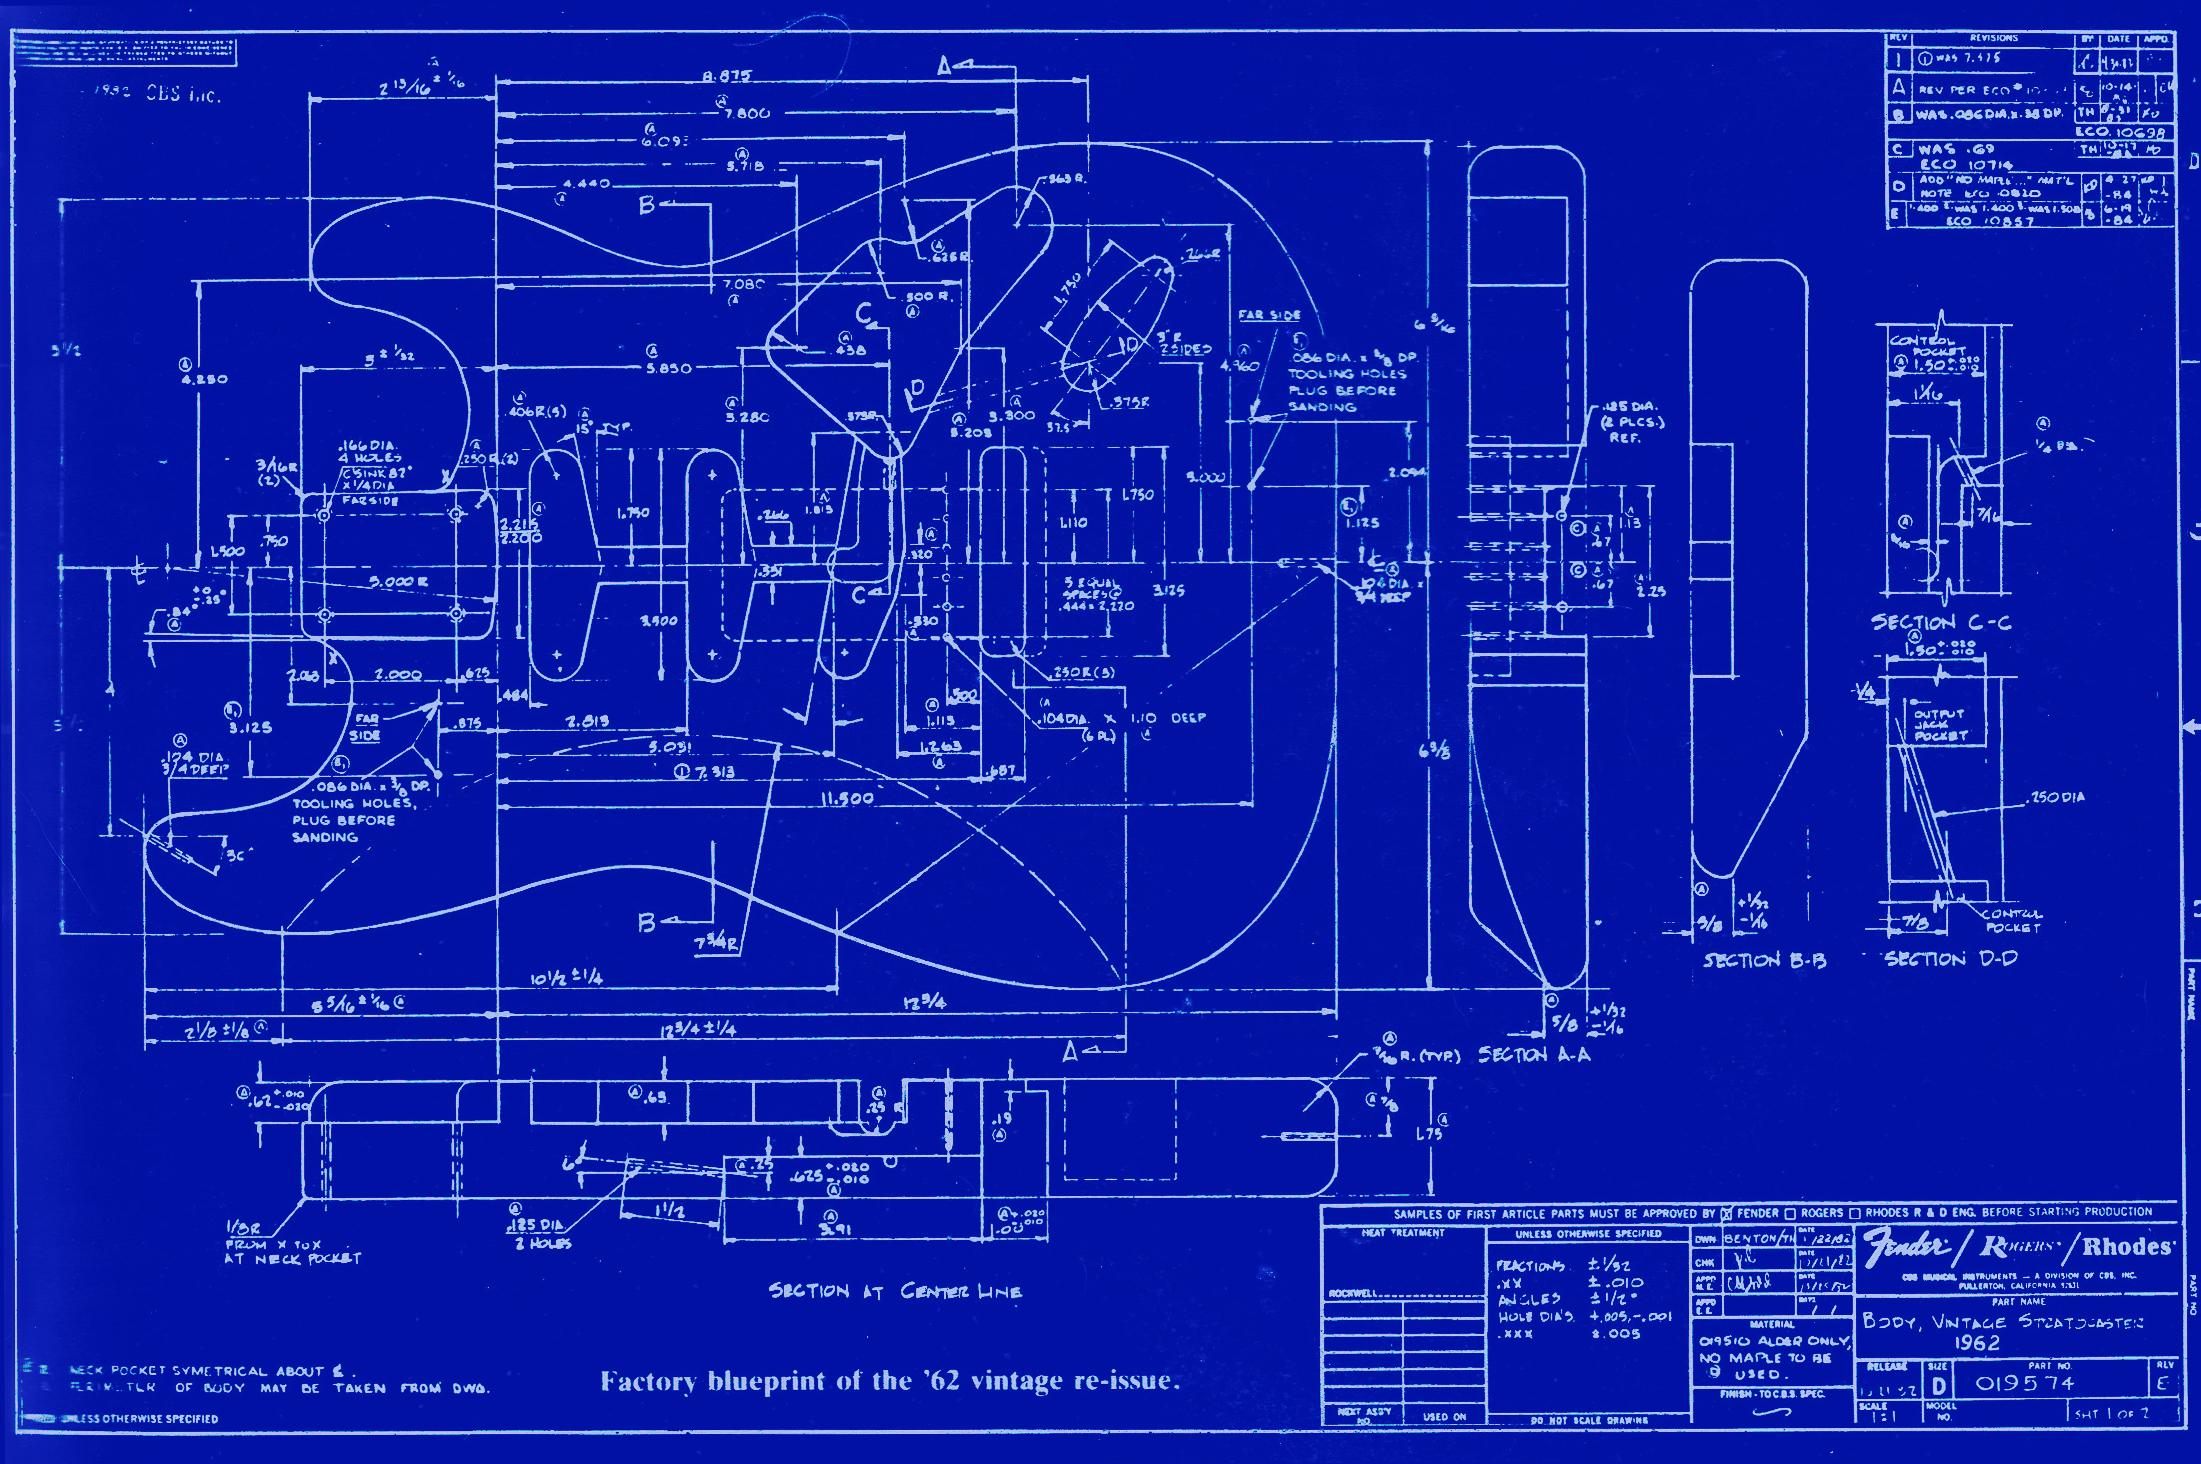 Taustakuvat   Piirustus  Kitara  Lokasuoja  Stratocaster